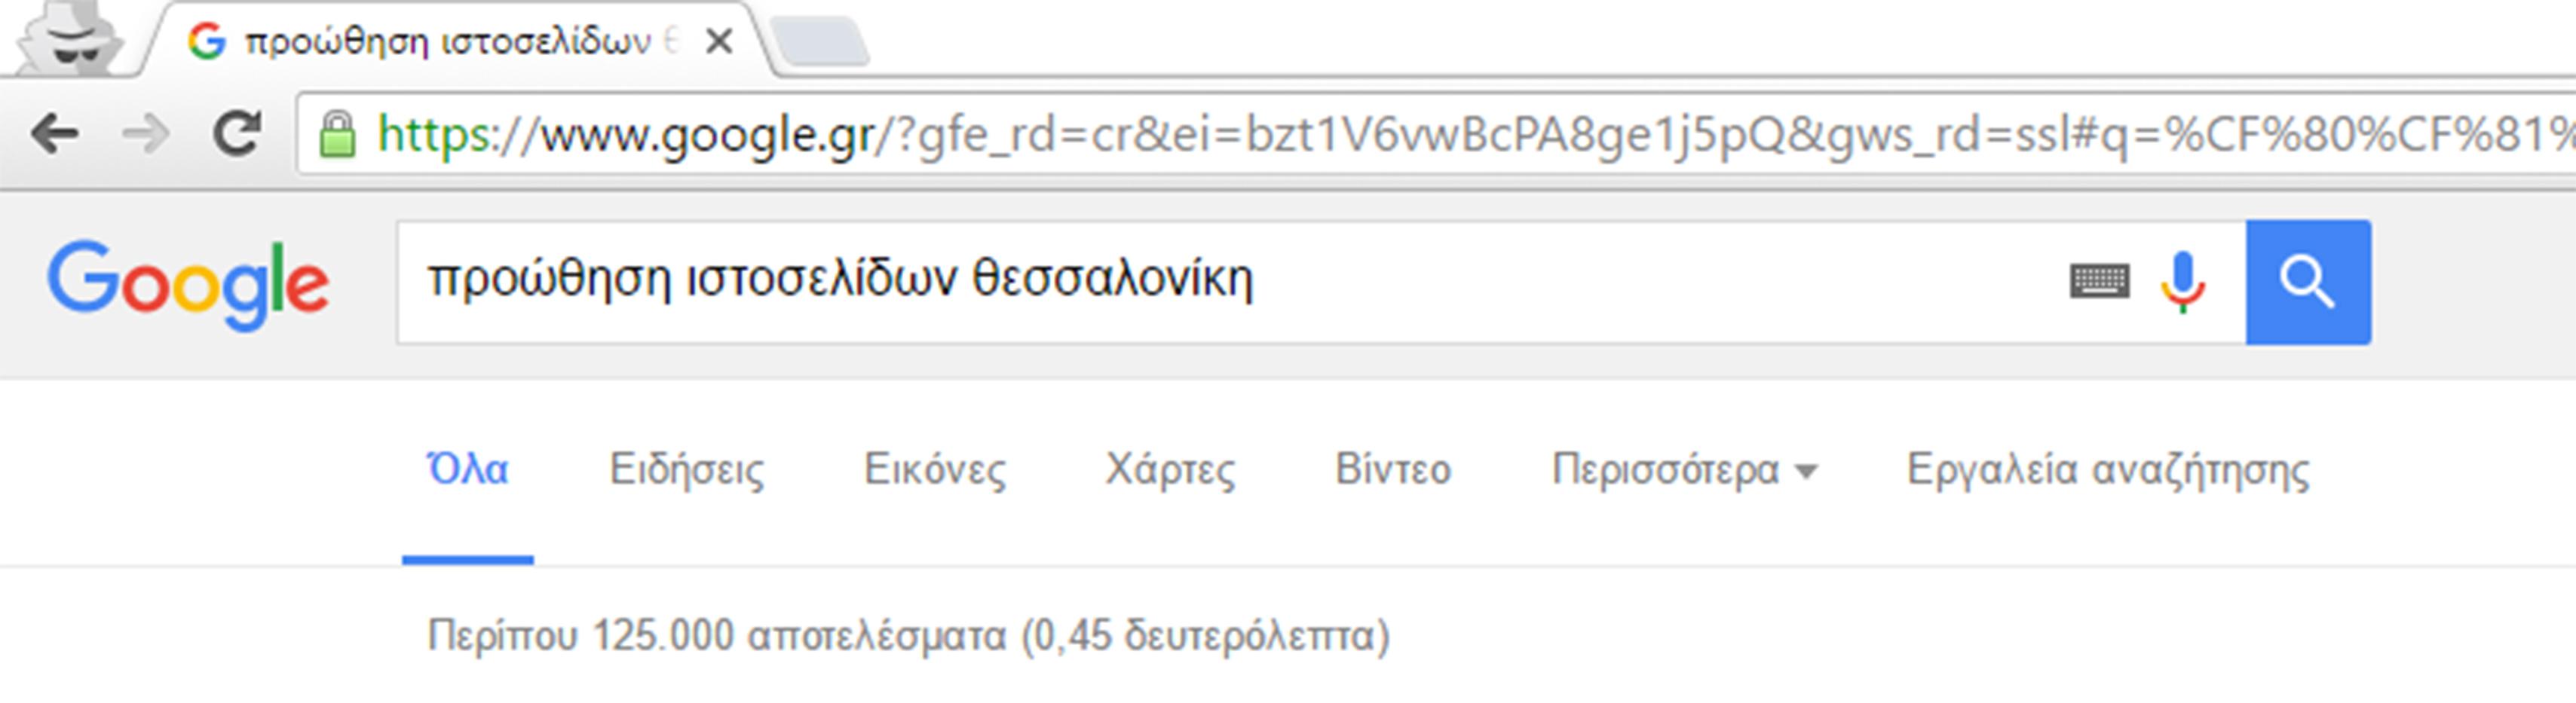 Εικόνα 4 Αποτελέσματα αναζήτησης για τη φράση «προώθηση ιστοσελίδων Θεσσαλονίκη».